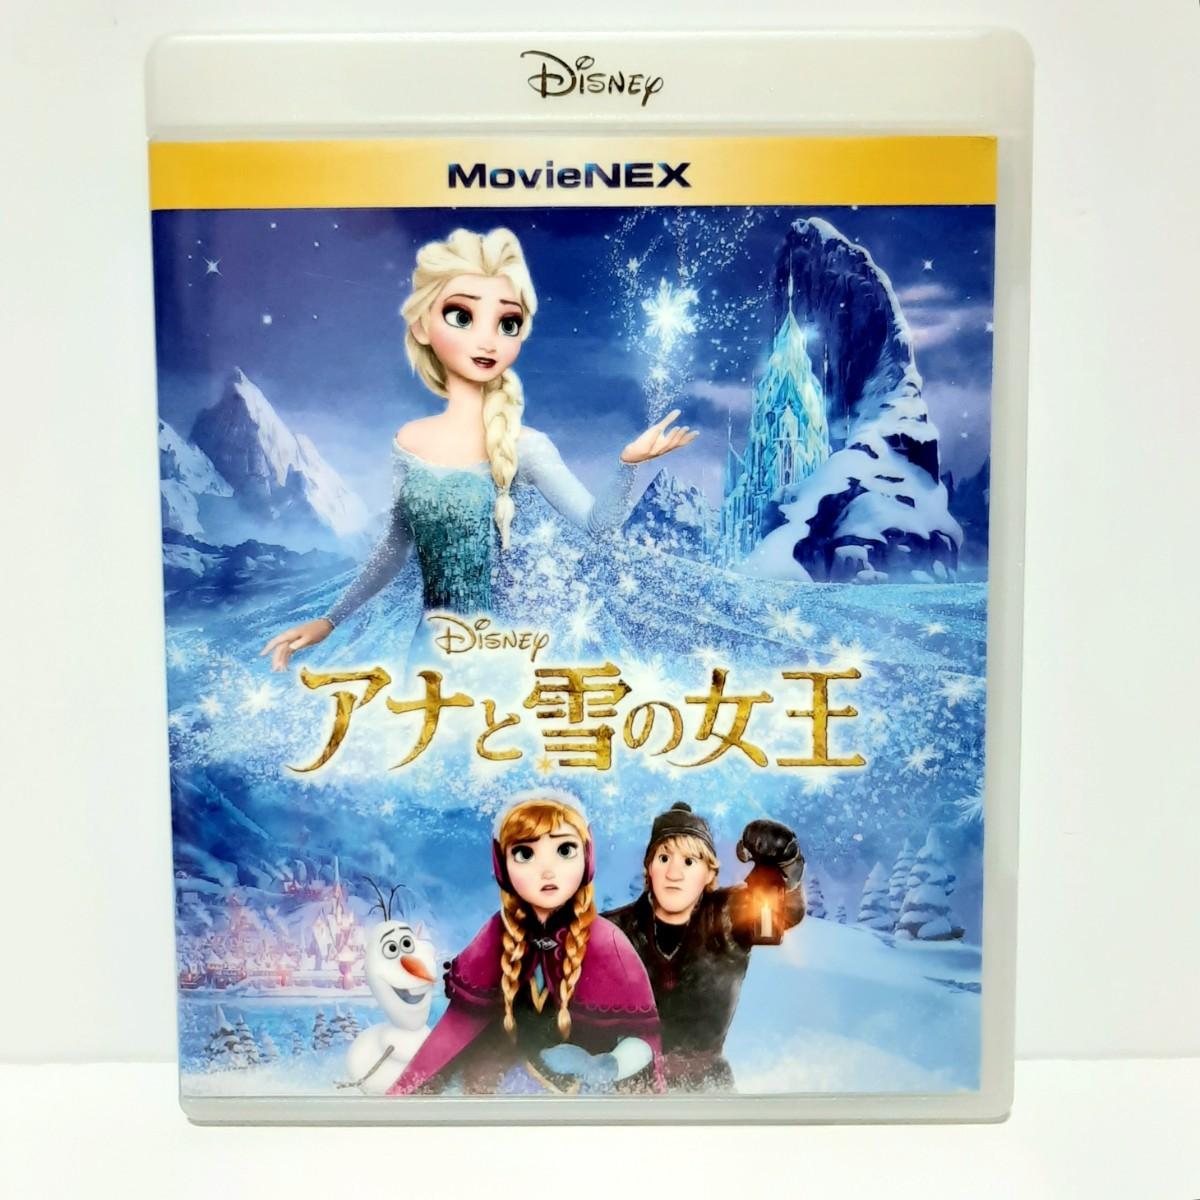 アナと雪の女王 MovieNEX ブルーレイ Blu-ray